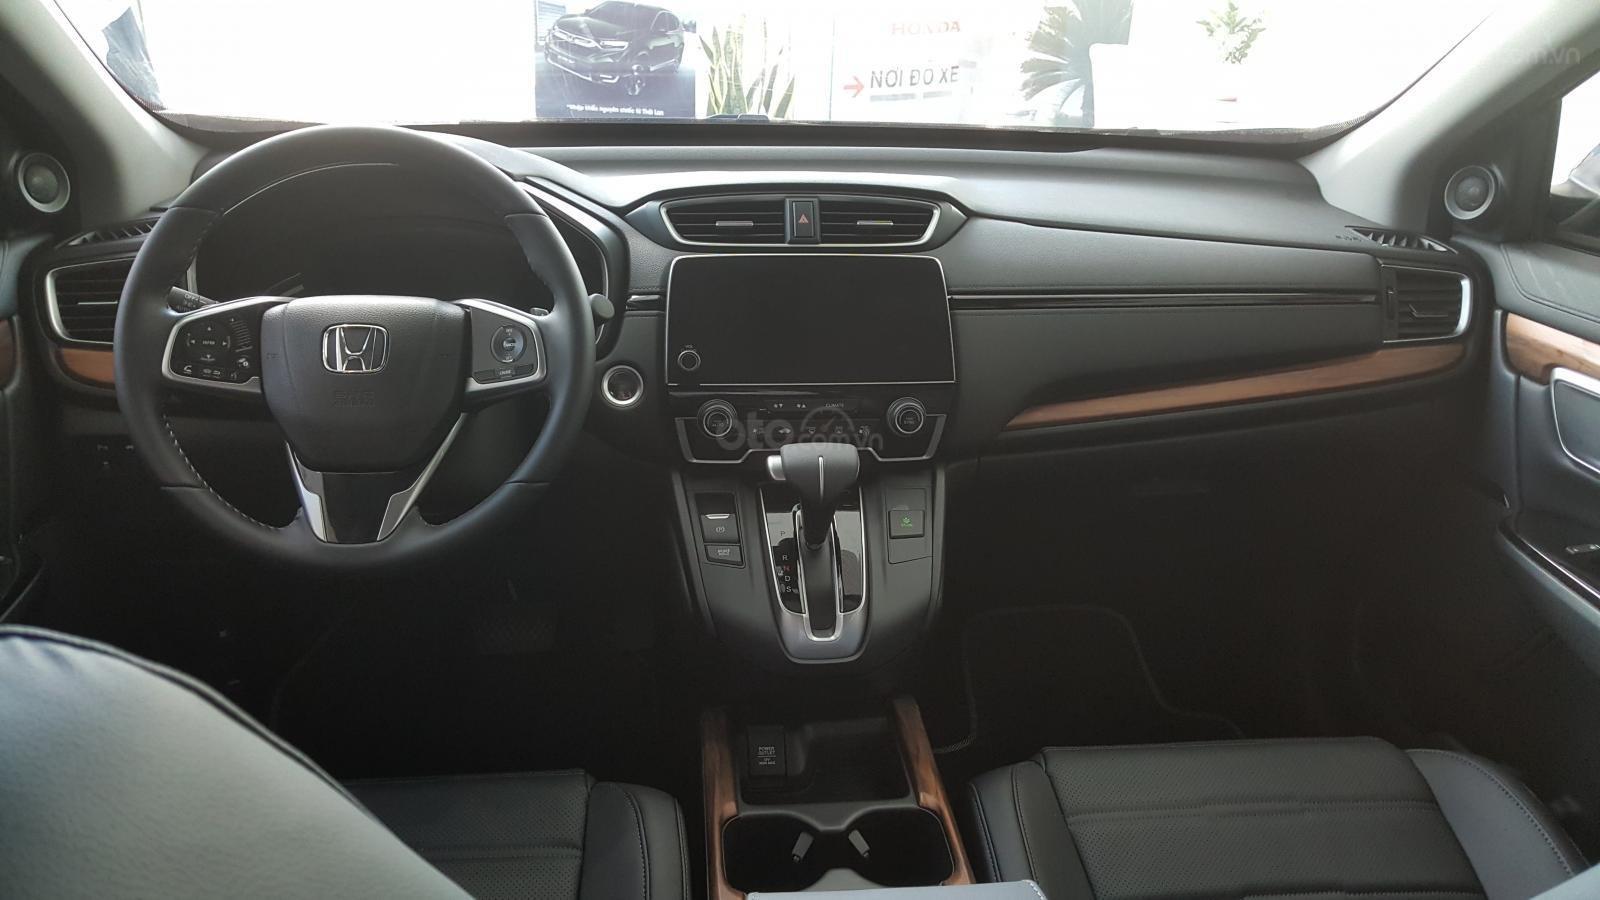 [Sài Gòn] Honda CRV TOP tháng 7 - Tặng BH 2 chiều, tiền mặt - 4xtr phụ kiện - Ưu đãi lớn, LH 0901.898.383-5